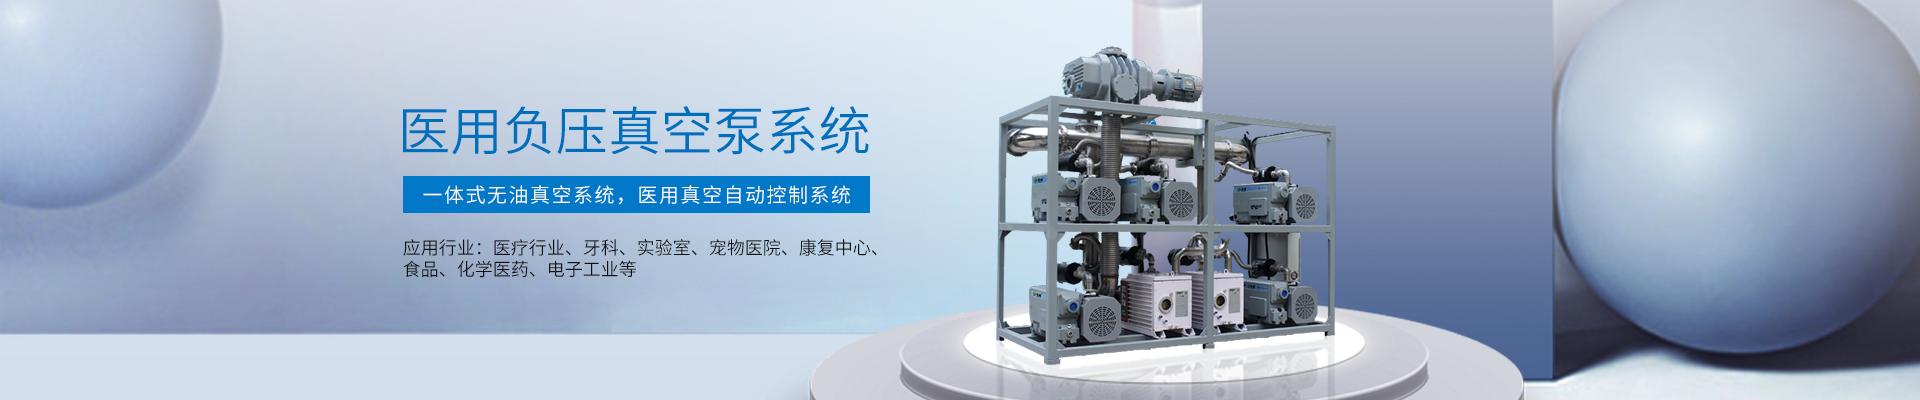 医用负压吸引真空泵系统